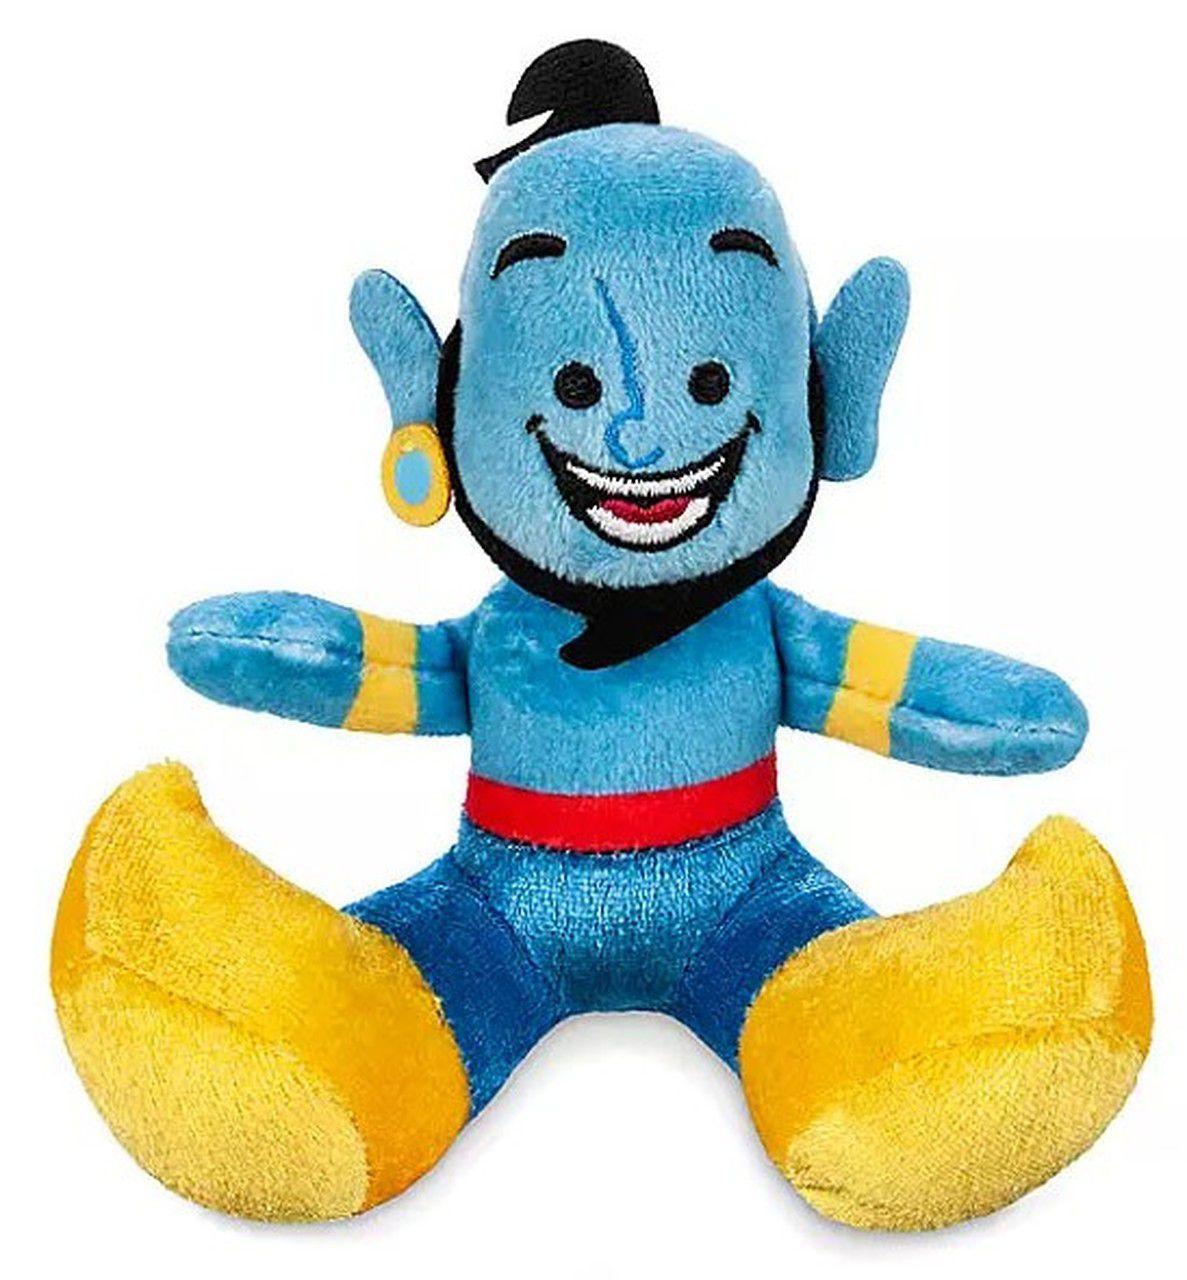 Pelucia Disney Gênio do Aladim Disney Tiny Big Feet Parks Disney  - Game Land Brinquedos